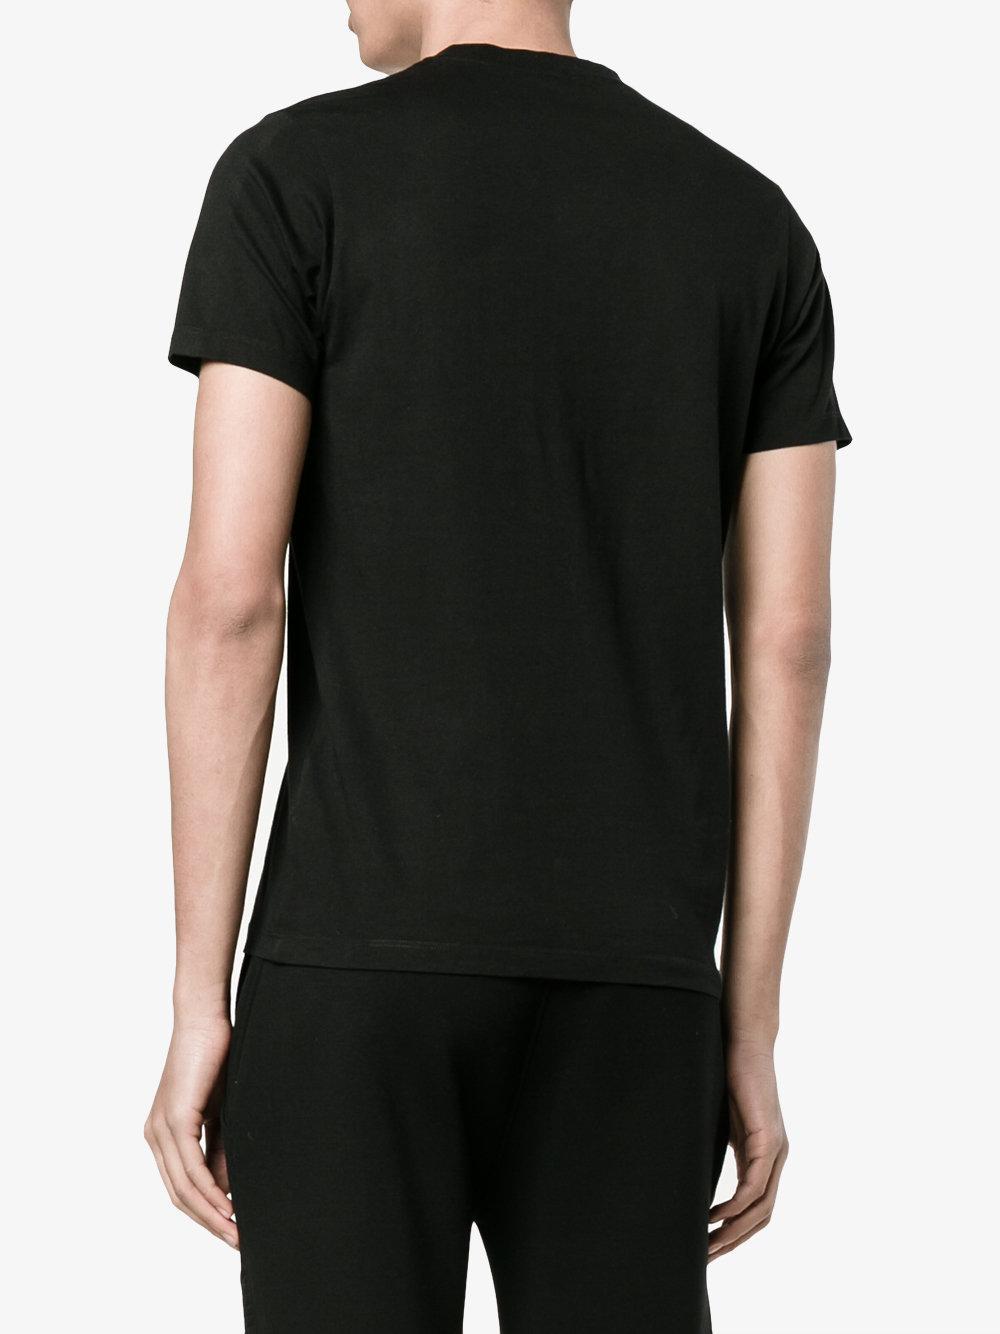 lyst kenzo tiger t shirt in black for men. Black Bedroom Furniture Sets. Home Design Ideas